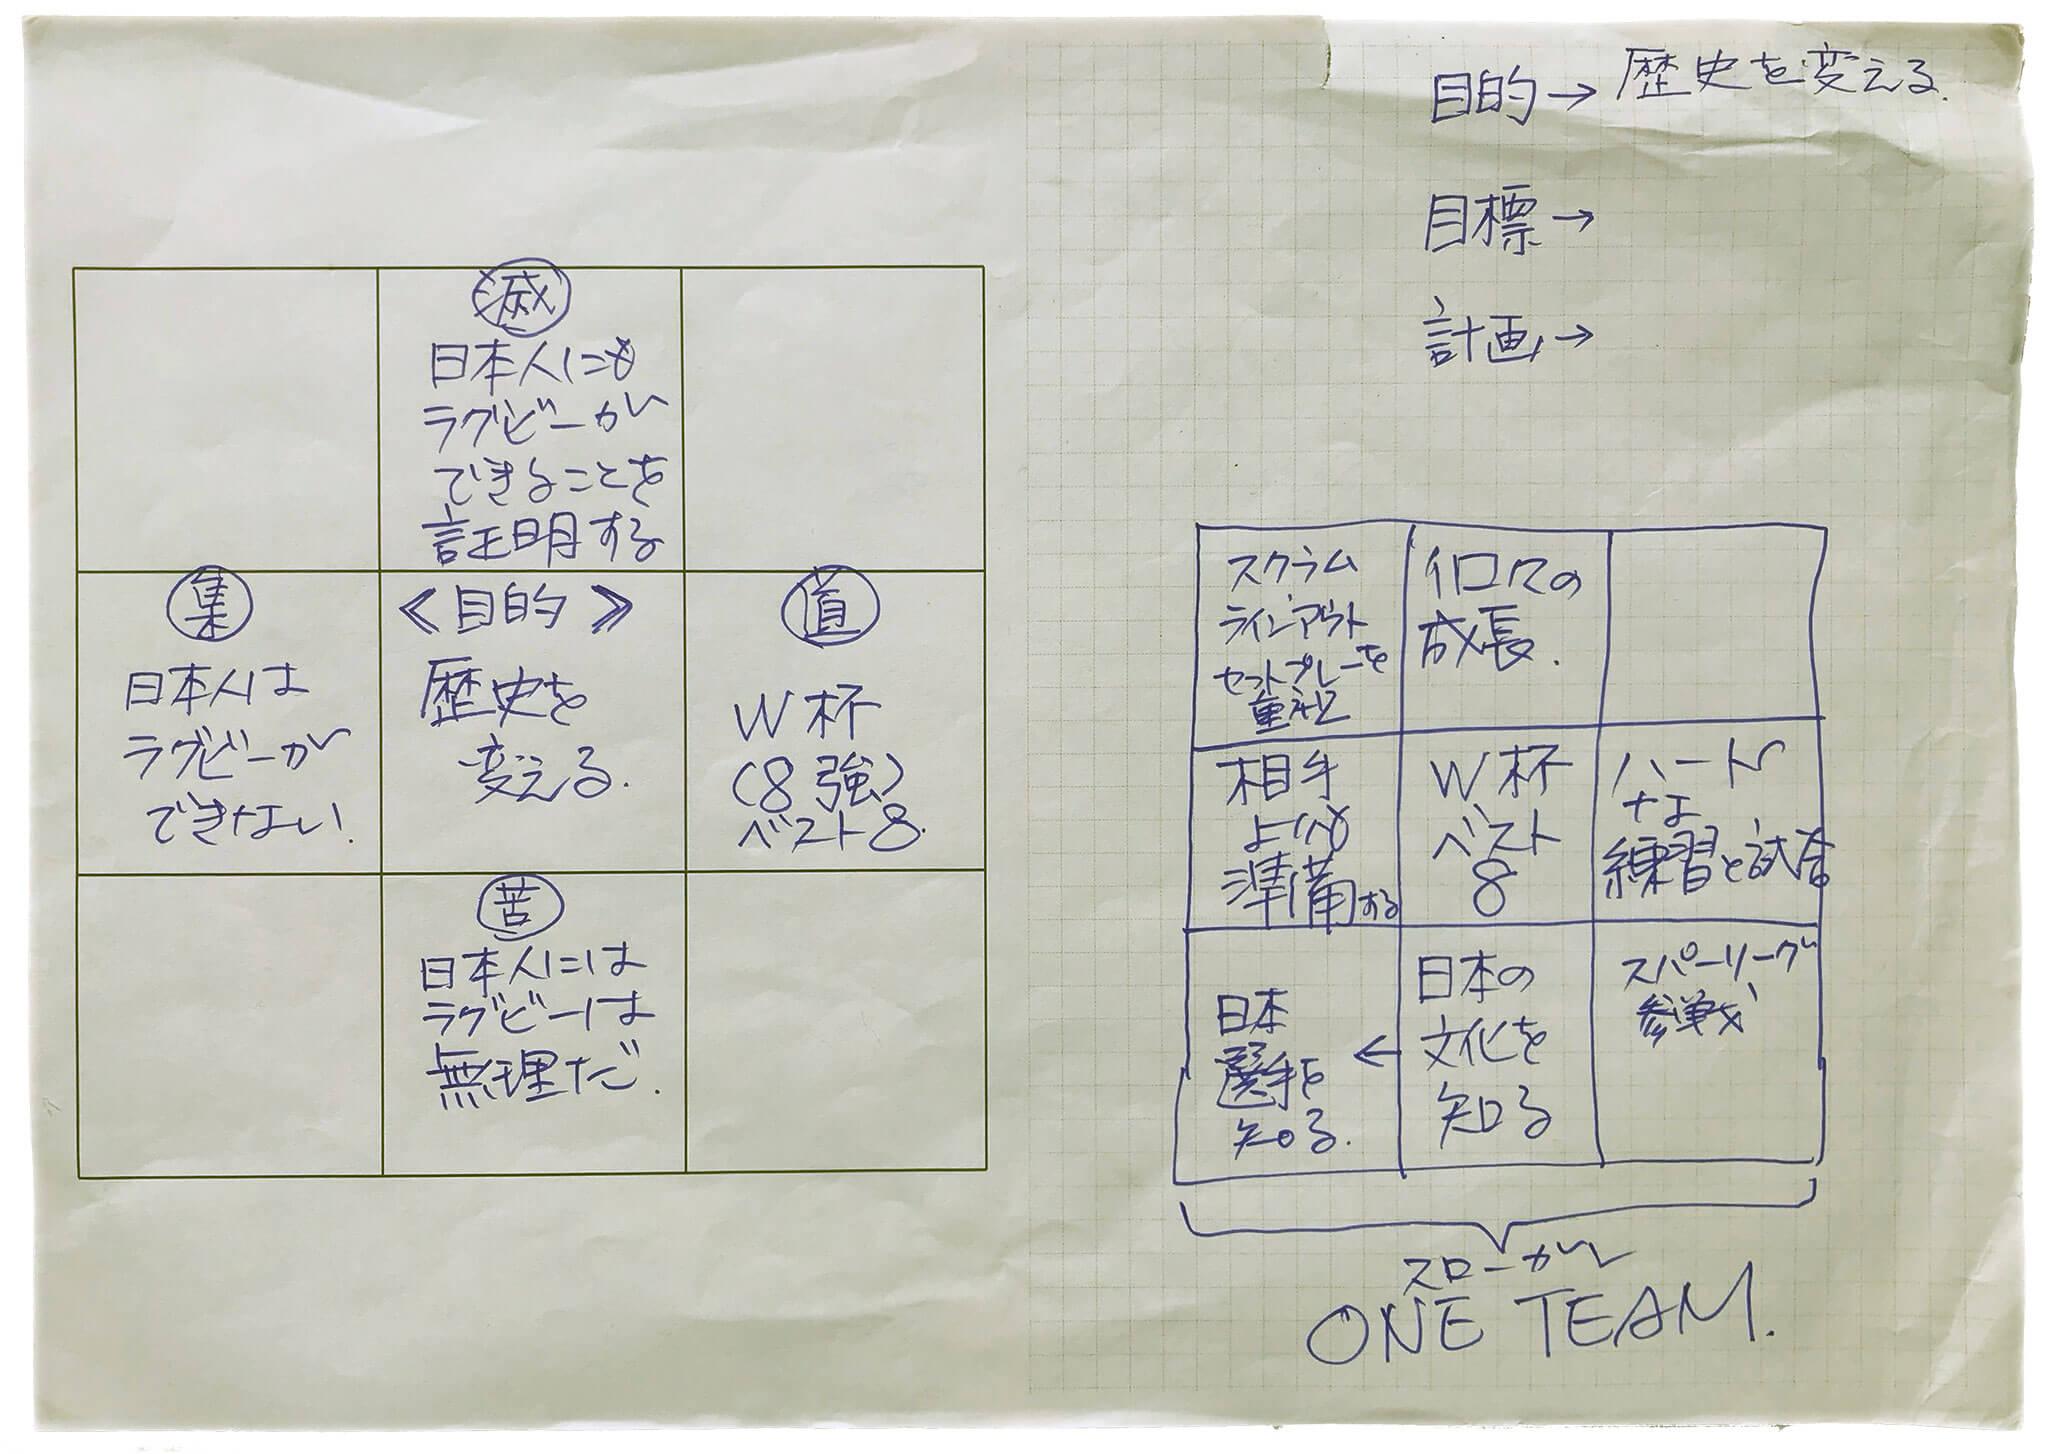 目的と目標が明確だったラグビー日本代表のW杯